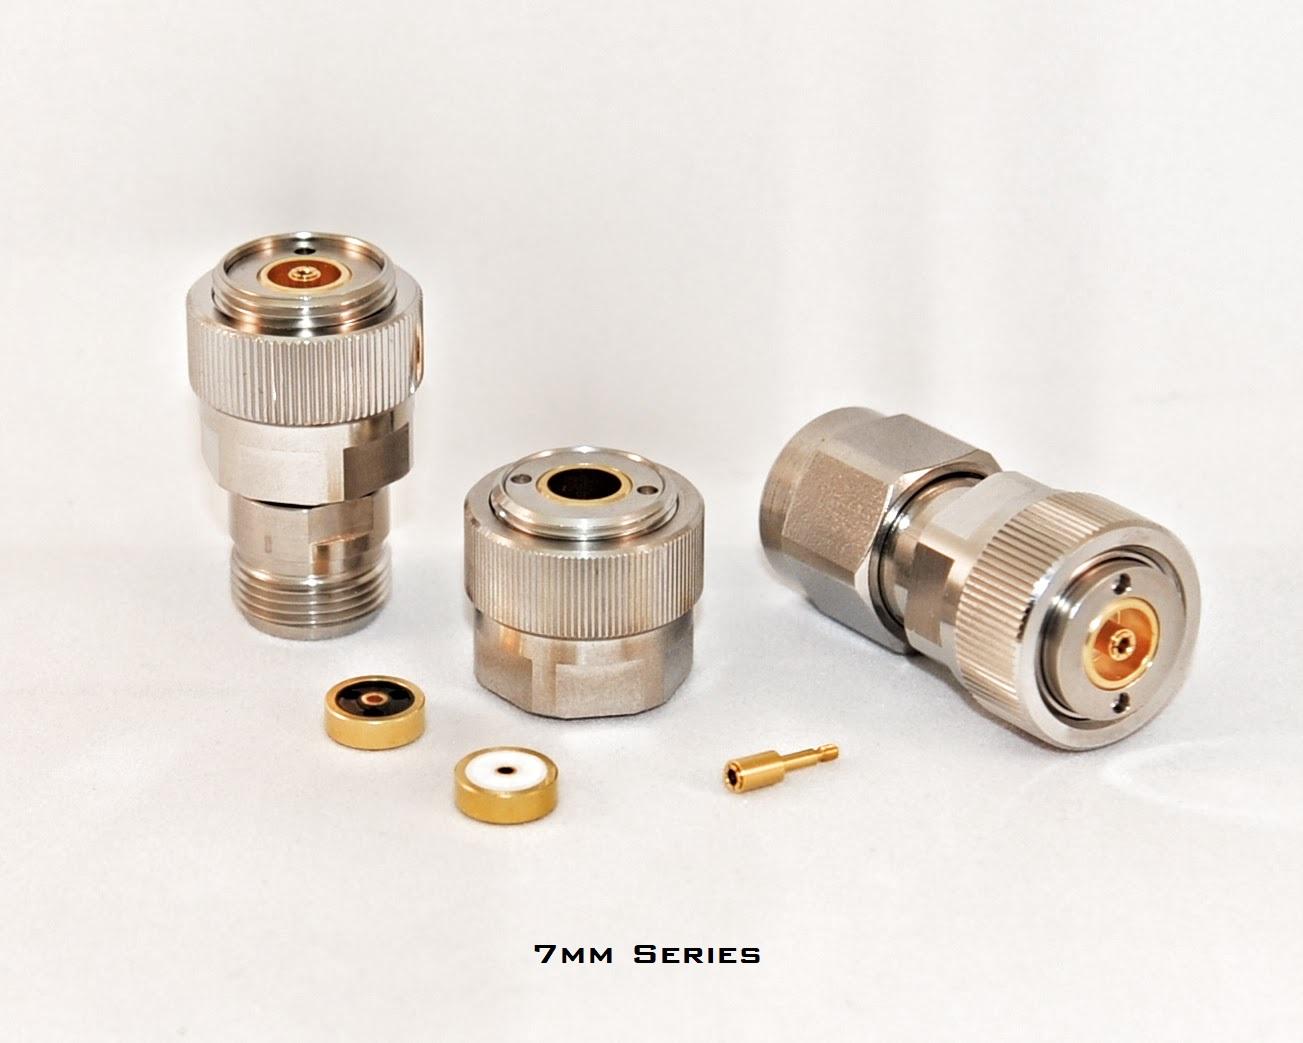 7mm-series.jpg